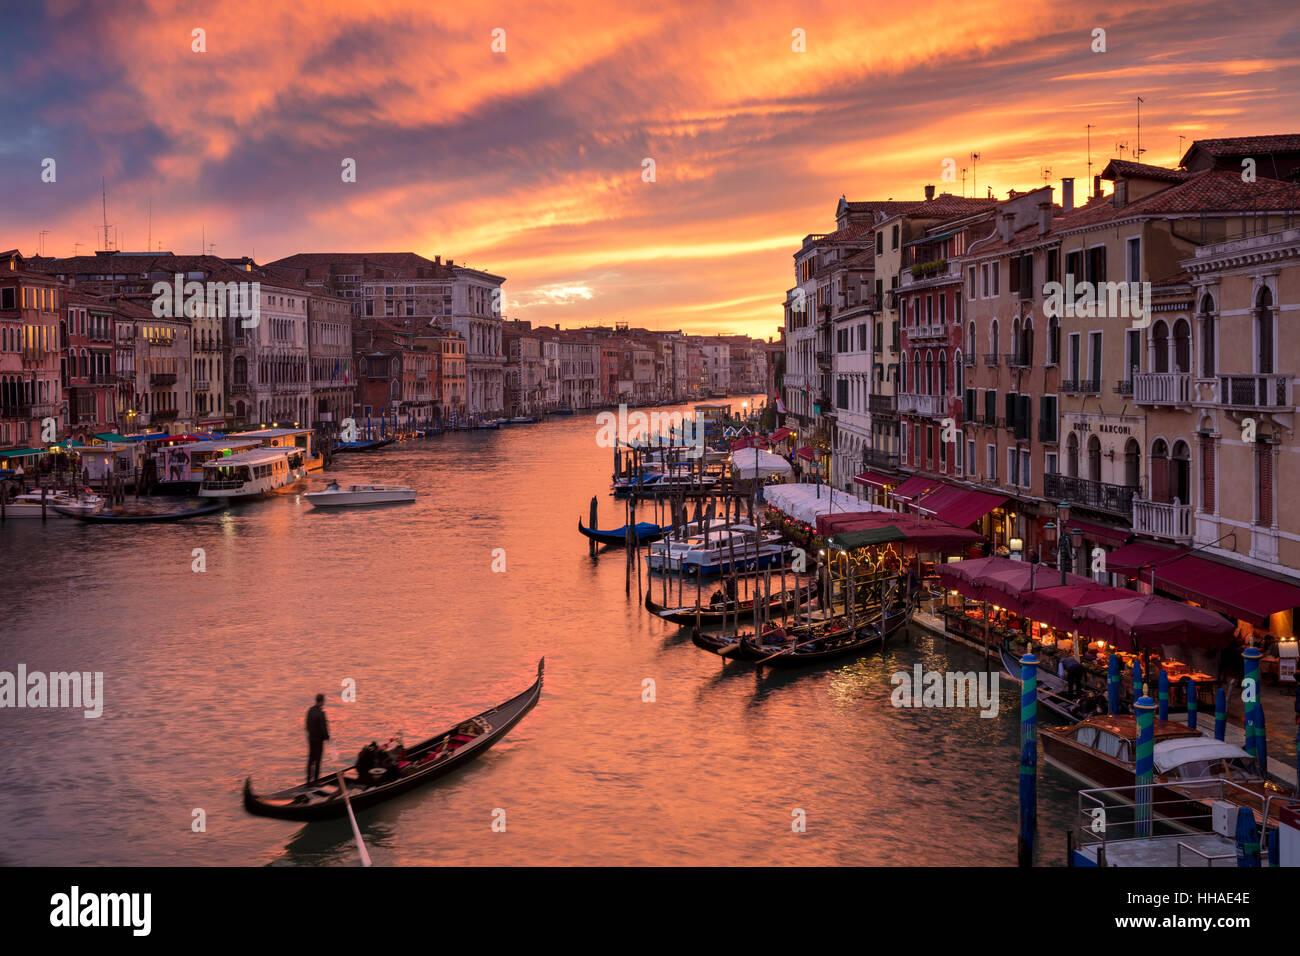 Bunter Abend über den Canal Grande und die Stadt Venedig, Veneto, Italien Stockfoto